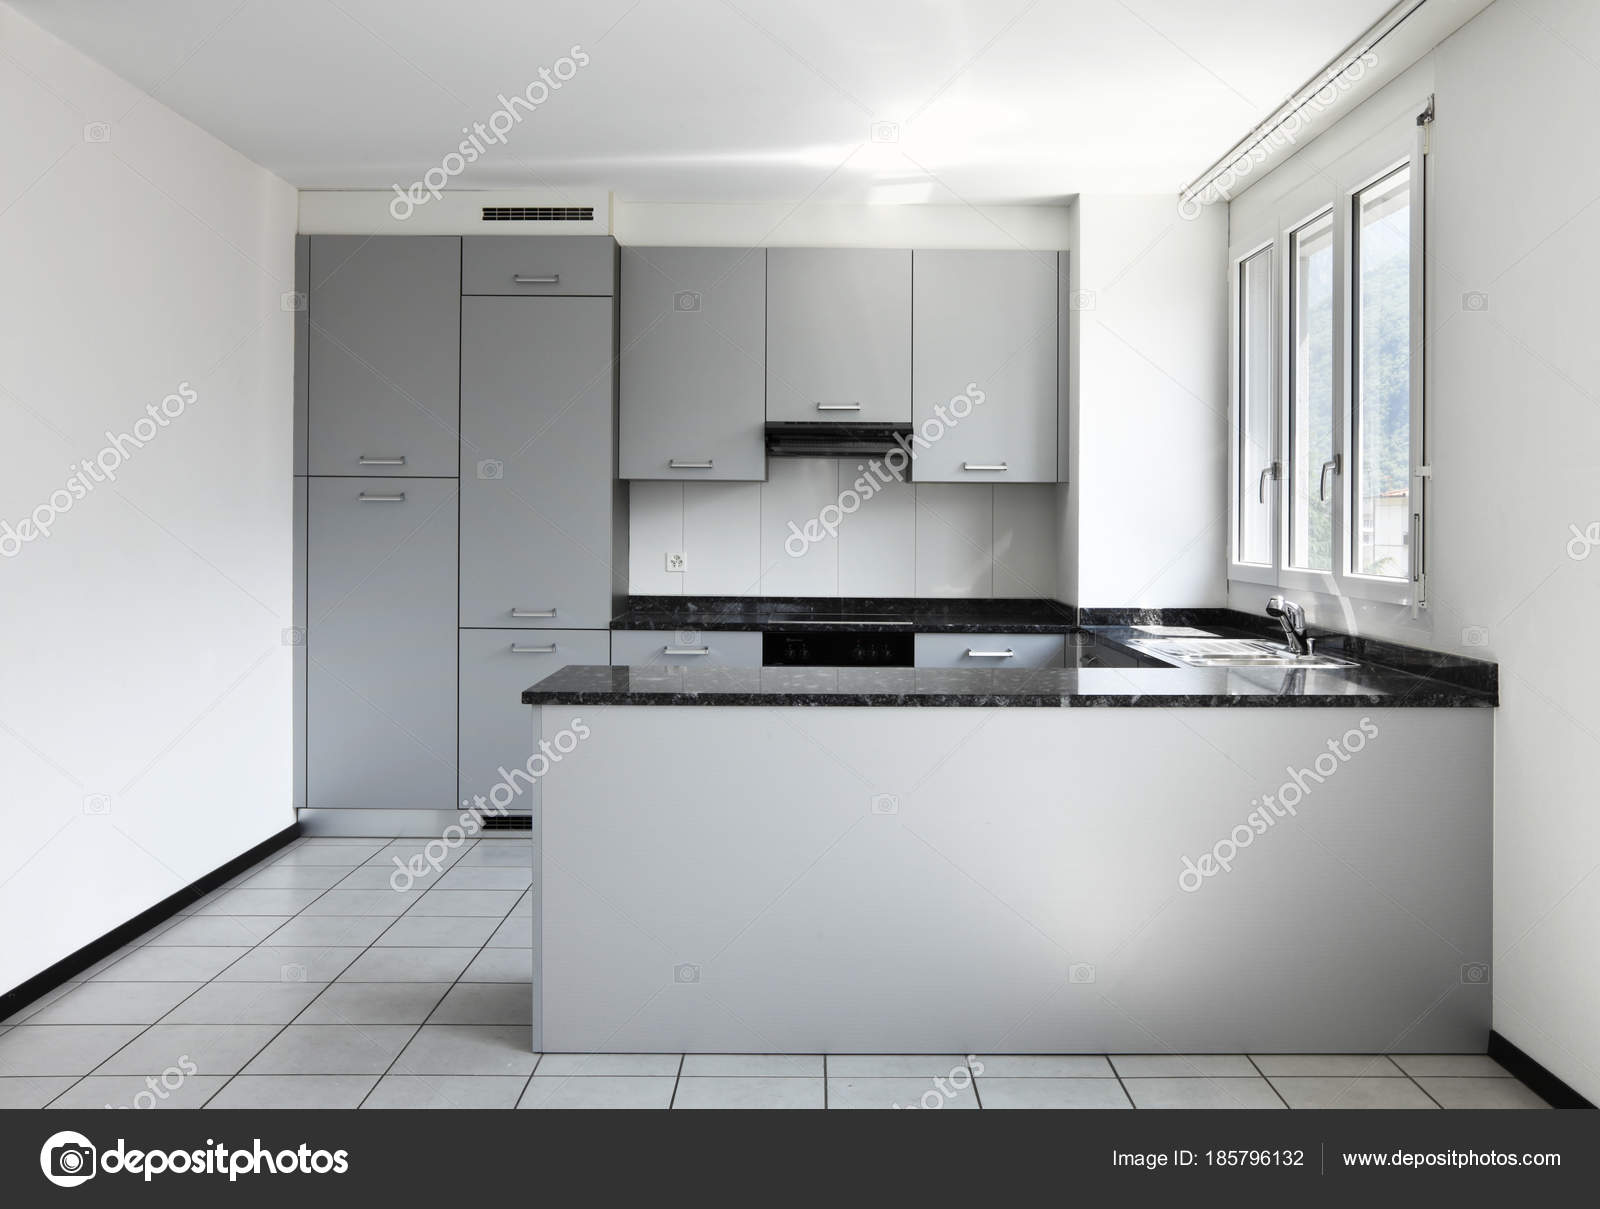 Modern Keuken Schiereiland : Moderne woning met keuken schiereiland u stockfoto zveiger